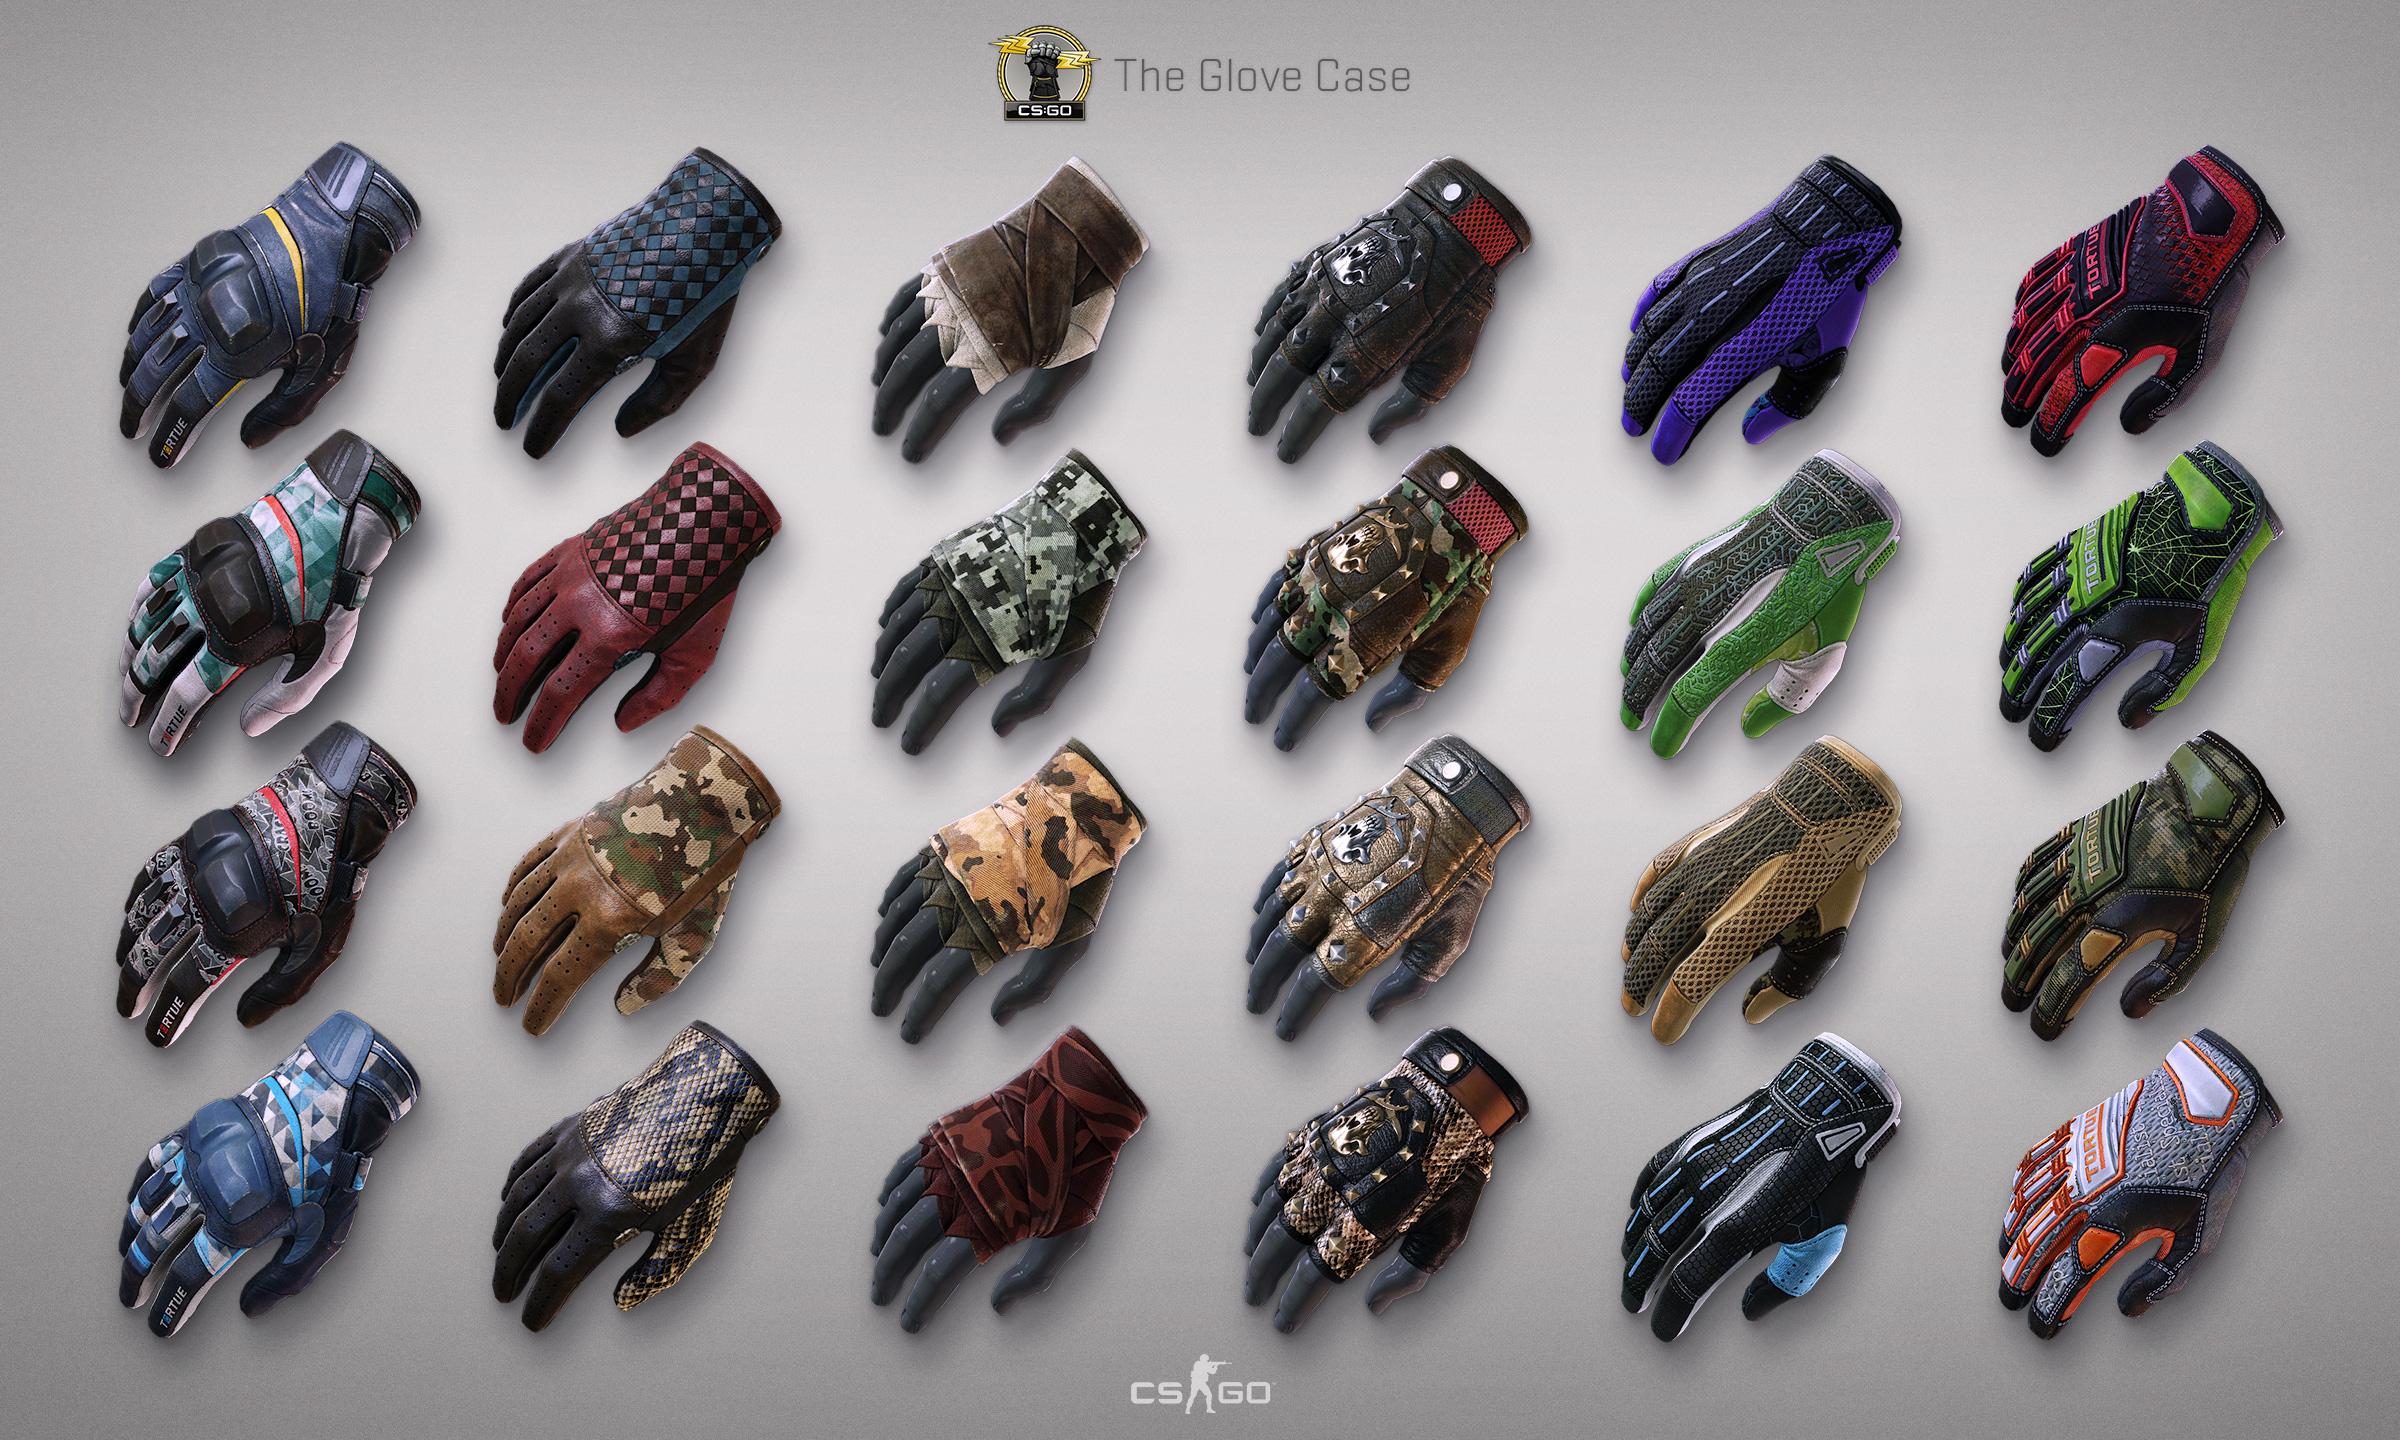 new_gloves_2016.jpg